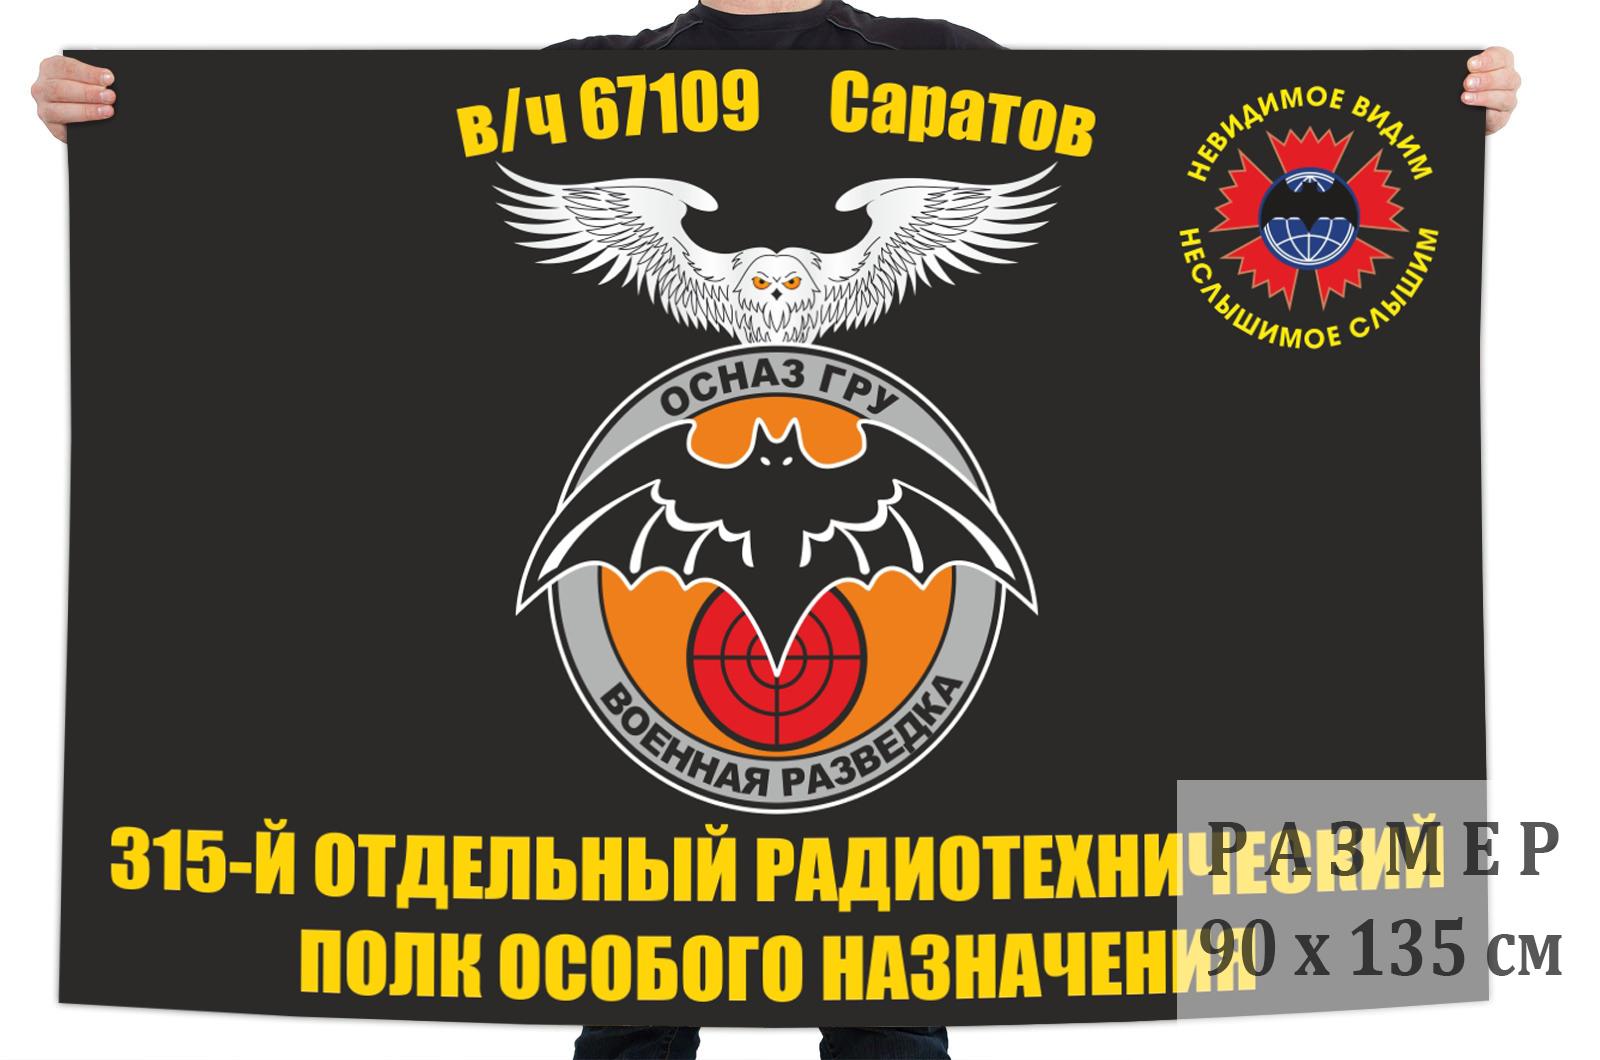 Флаг 315 отдельного радиотехнического полка особого назначения ГРУ